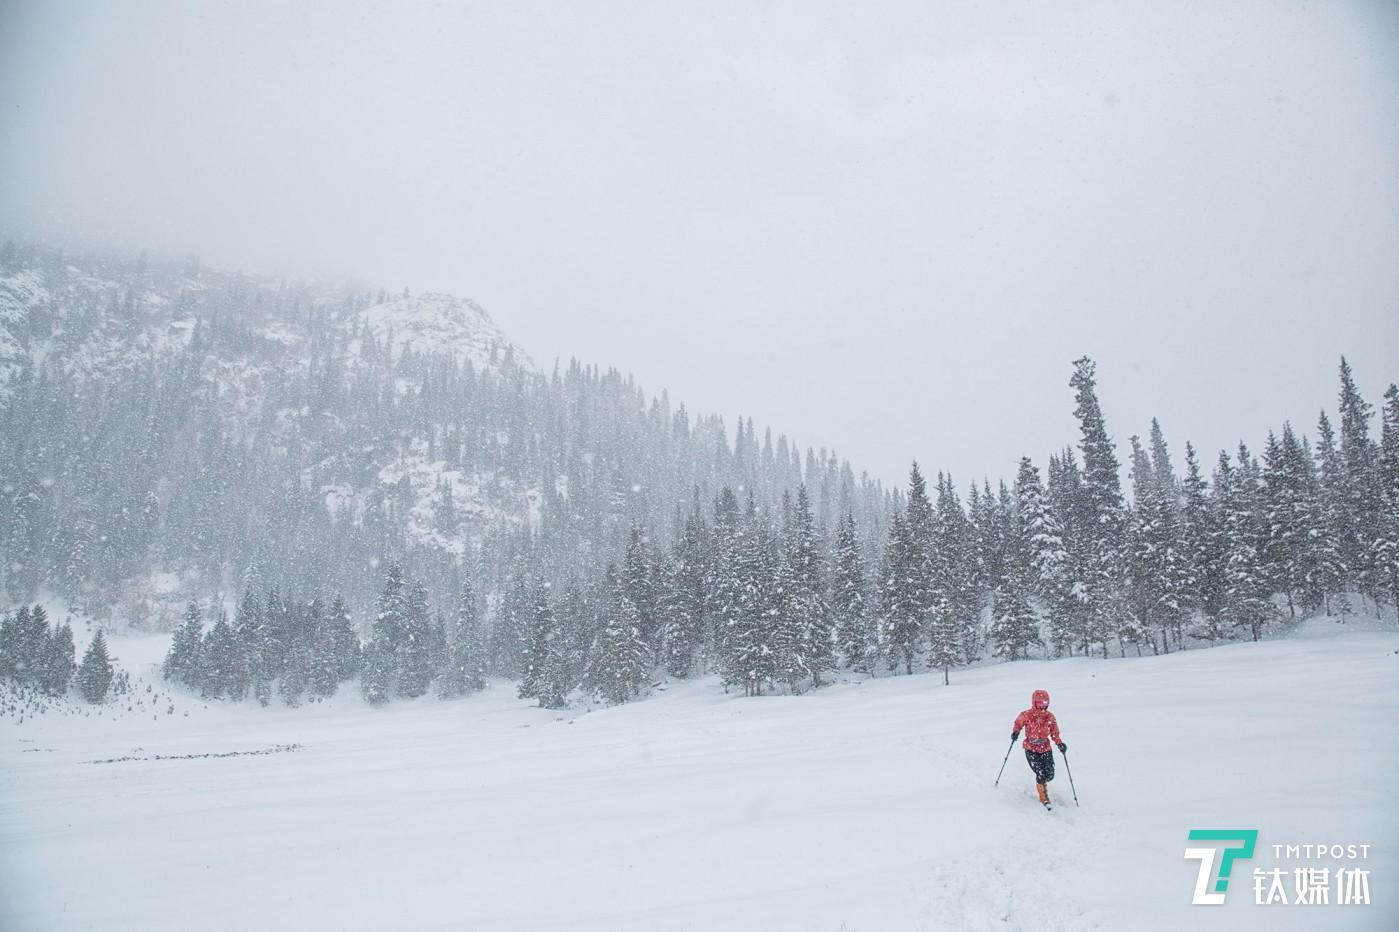 暴雪将至。新疆夏特古道,匆匆赶路的驴友。